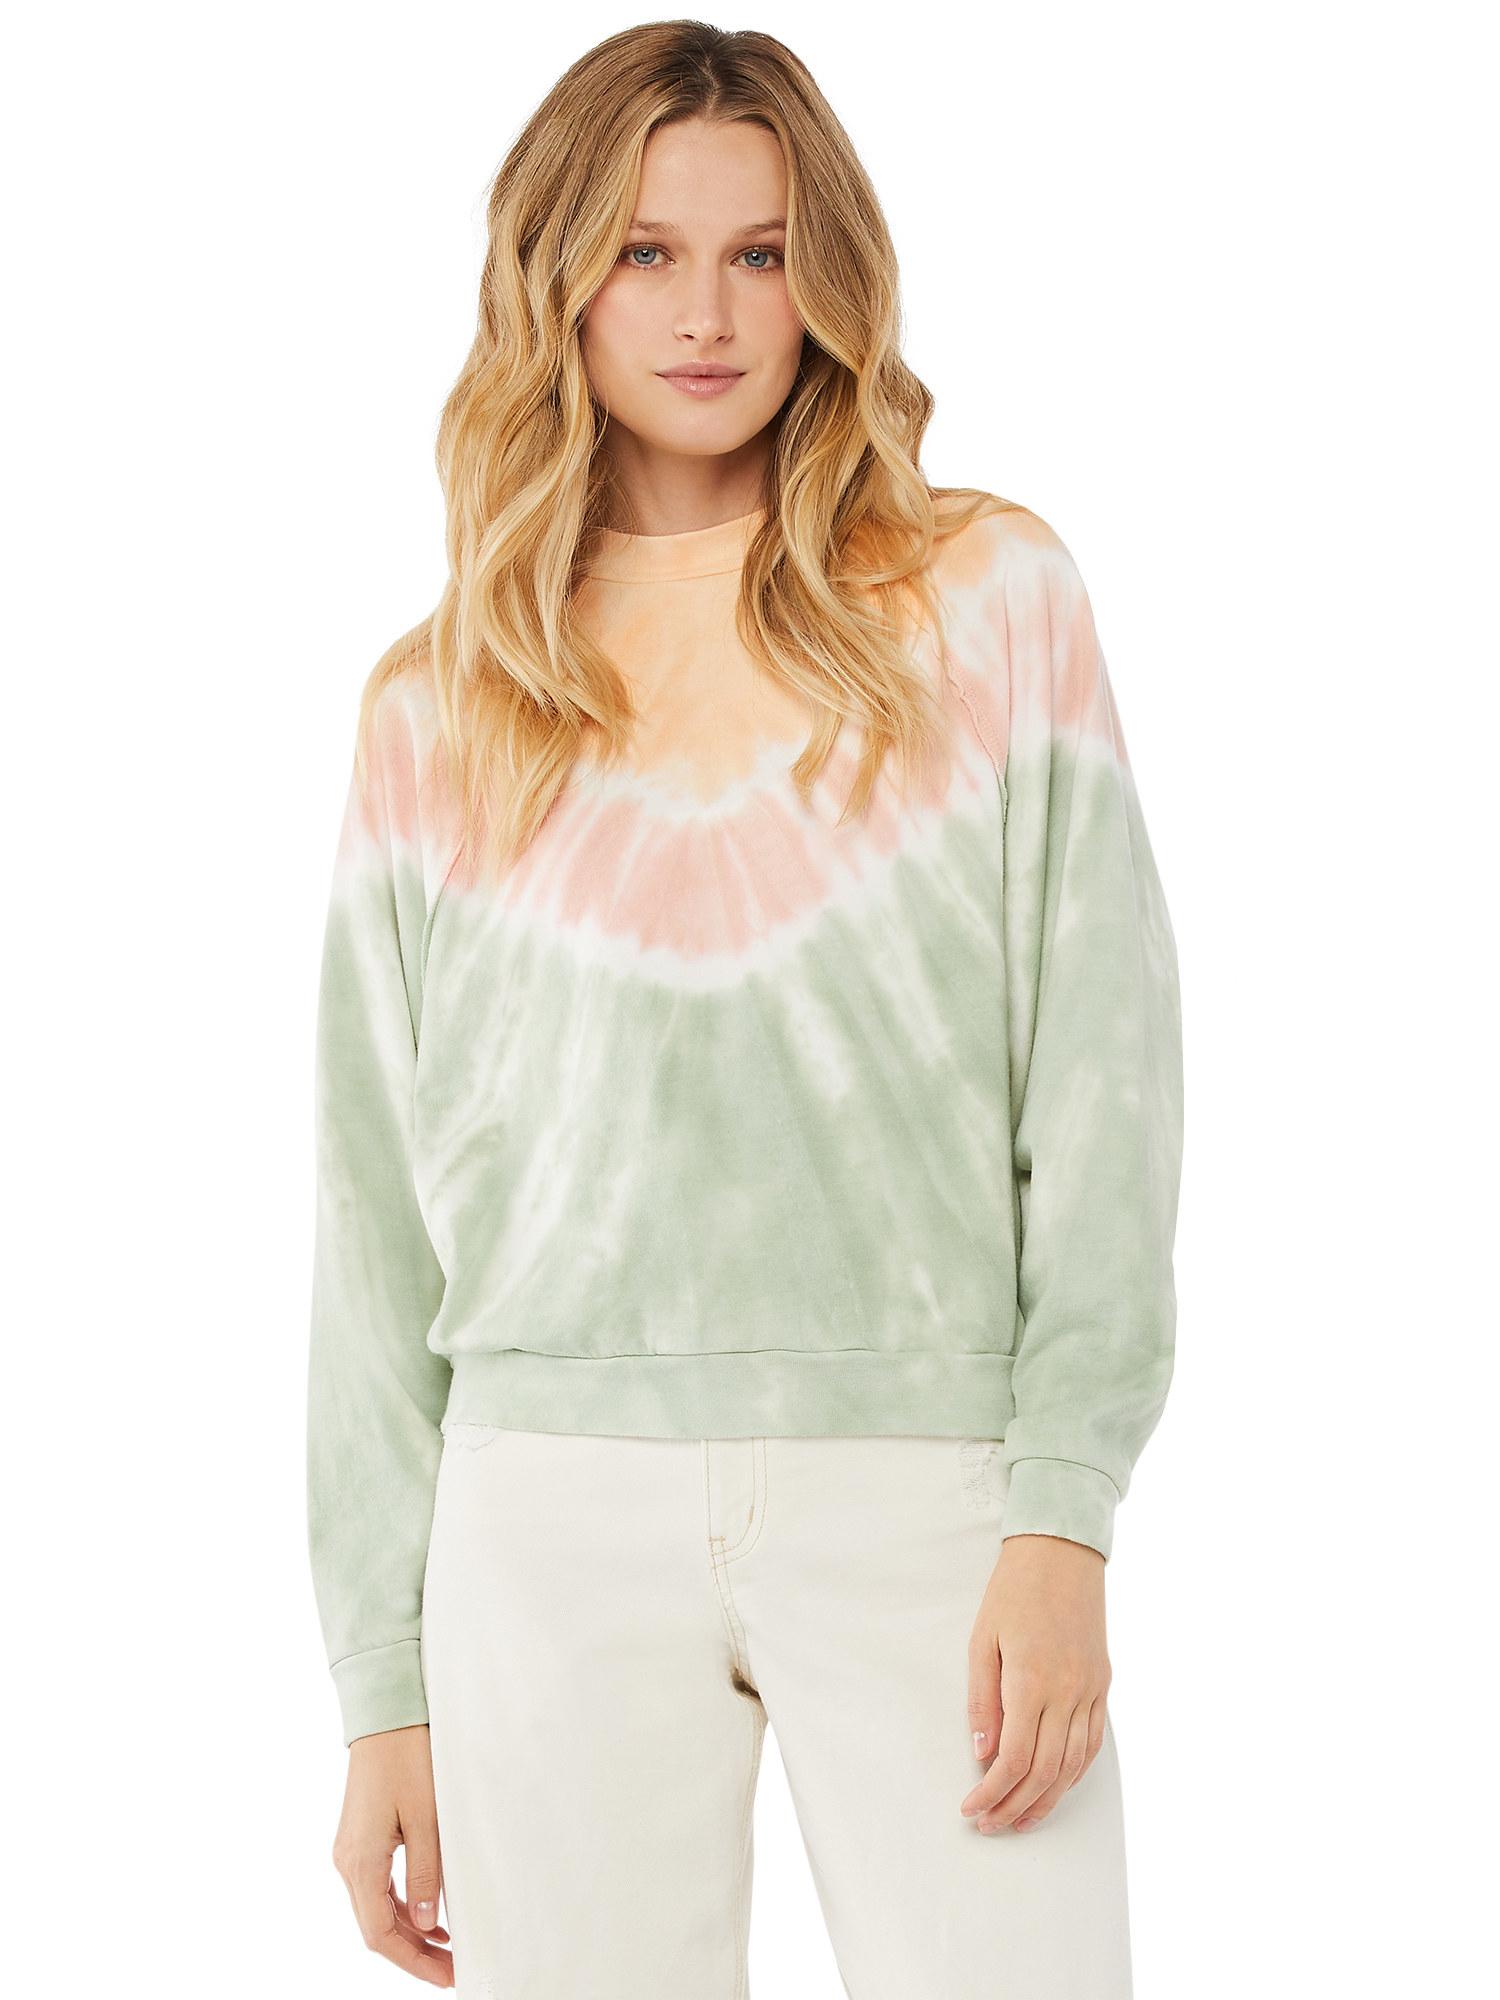 Model in tie dye sweatshirt